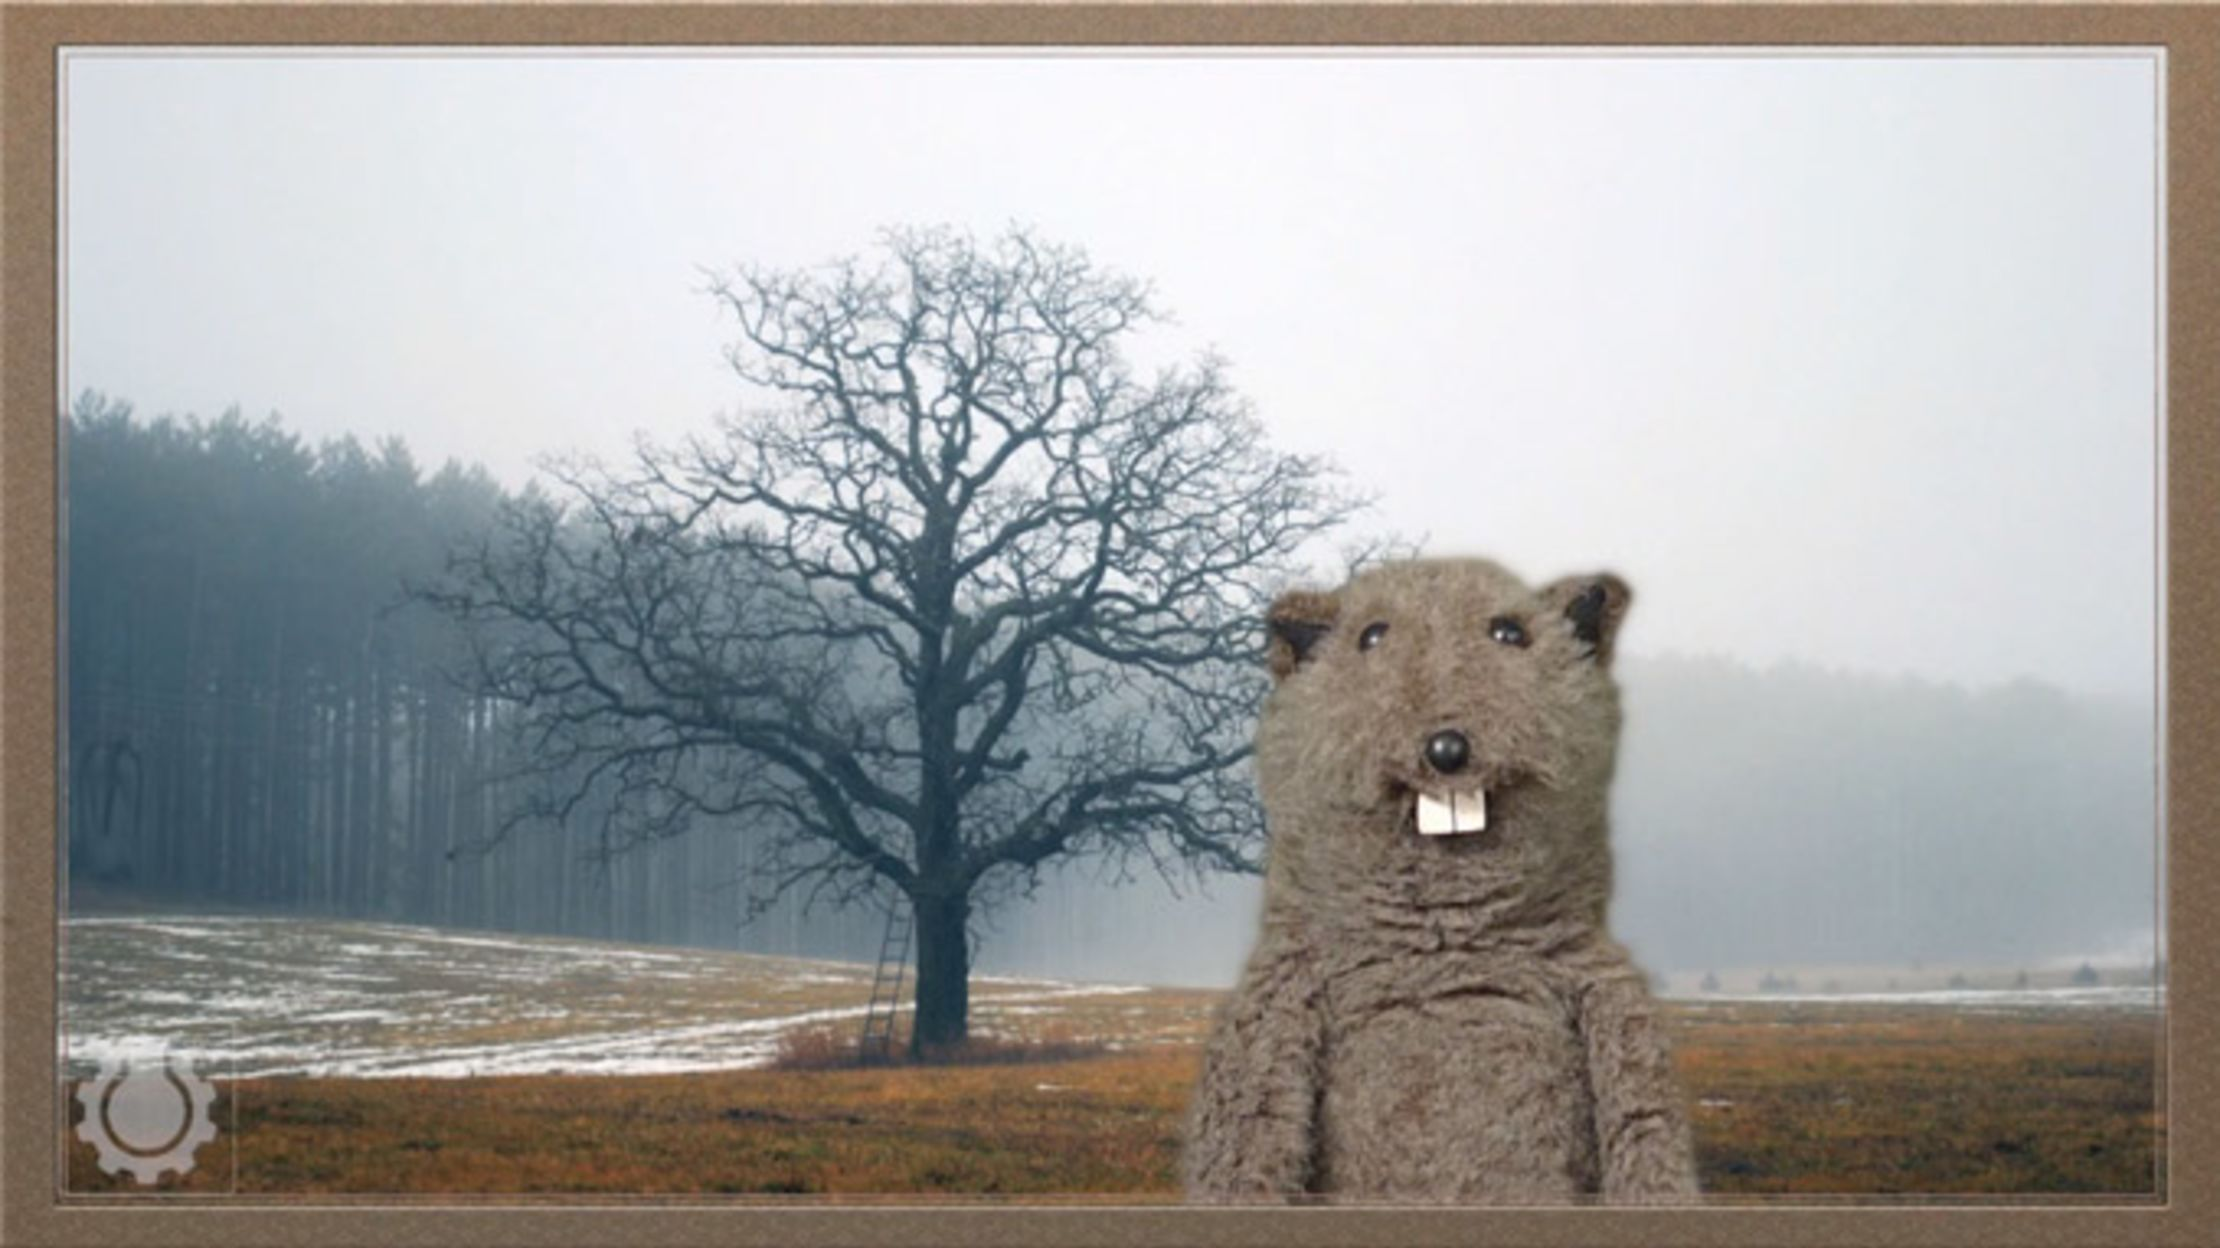 Groundhog Day Explained